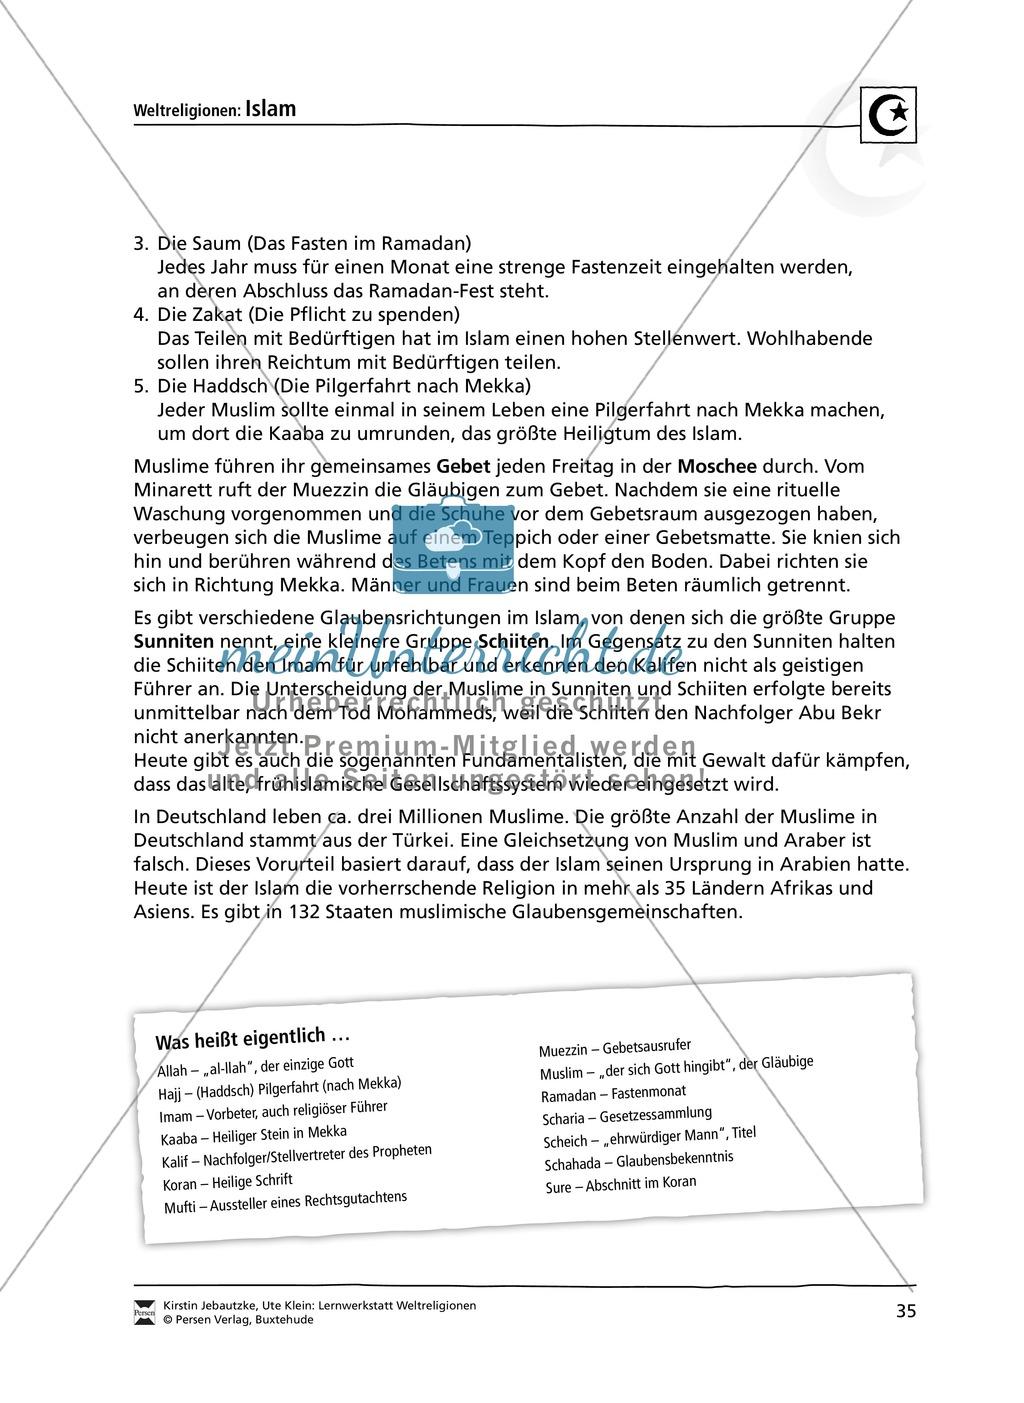 Unterrichtsmaterial zum Islam - mit Infomaterial zu Gottheit, Koran ...